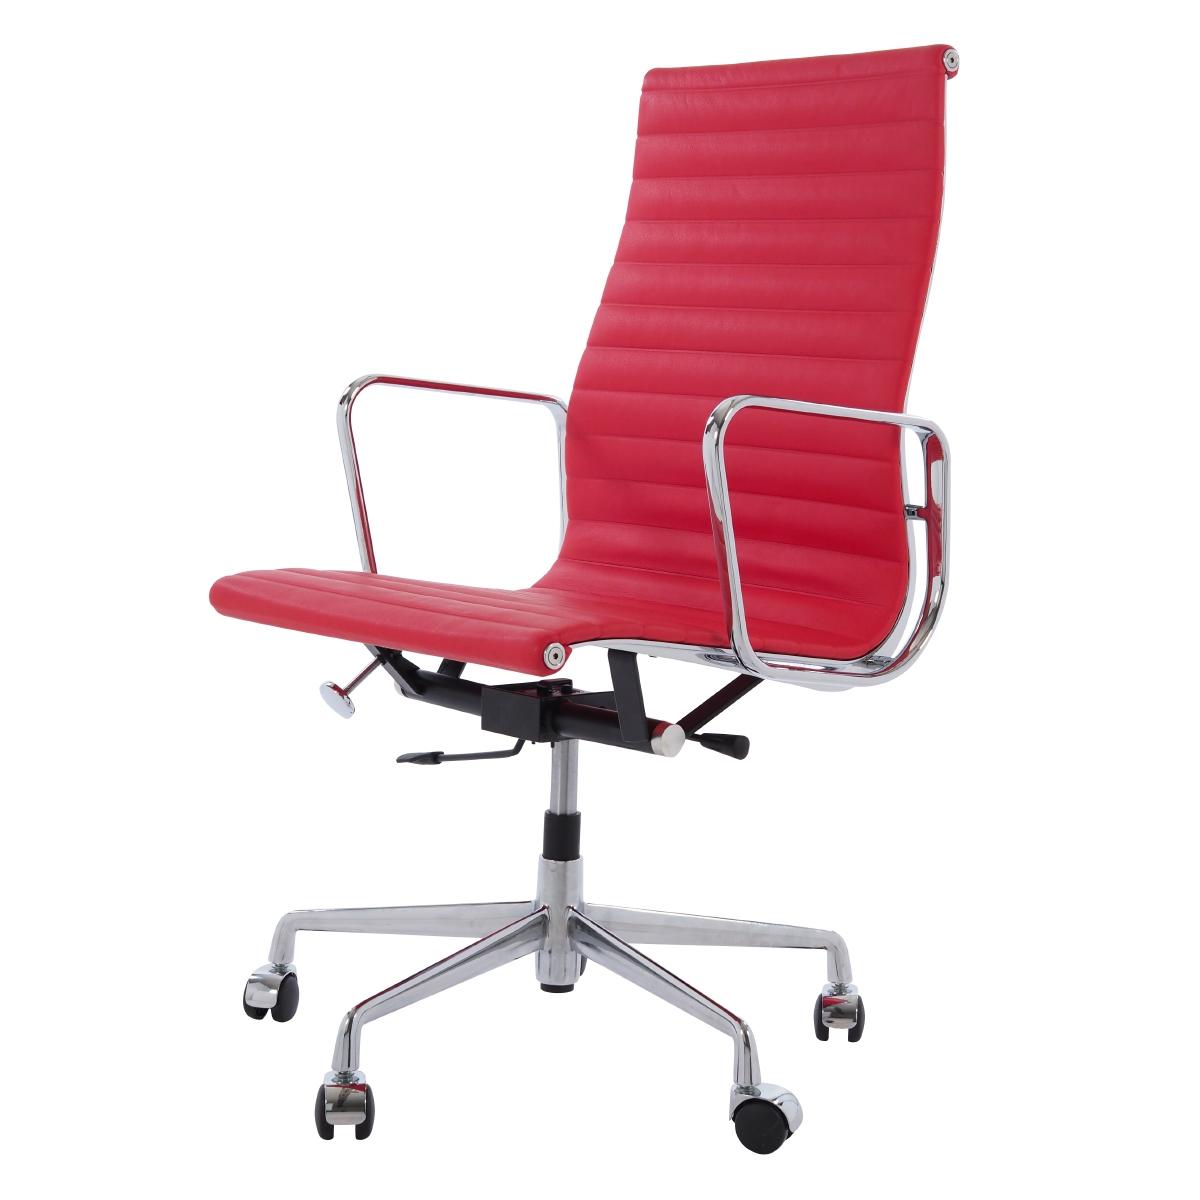 krzesło biurowe EA119 czerwony